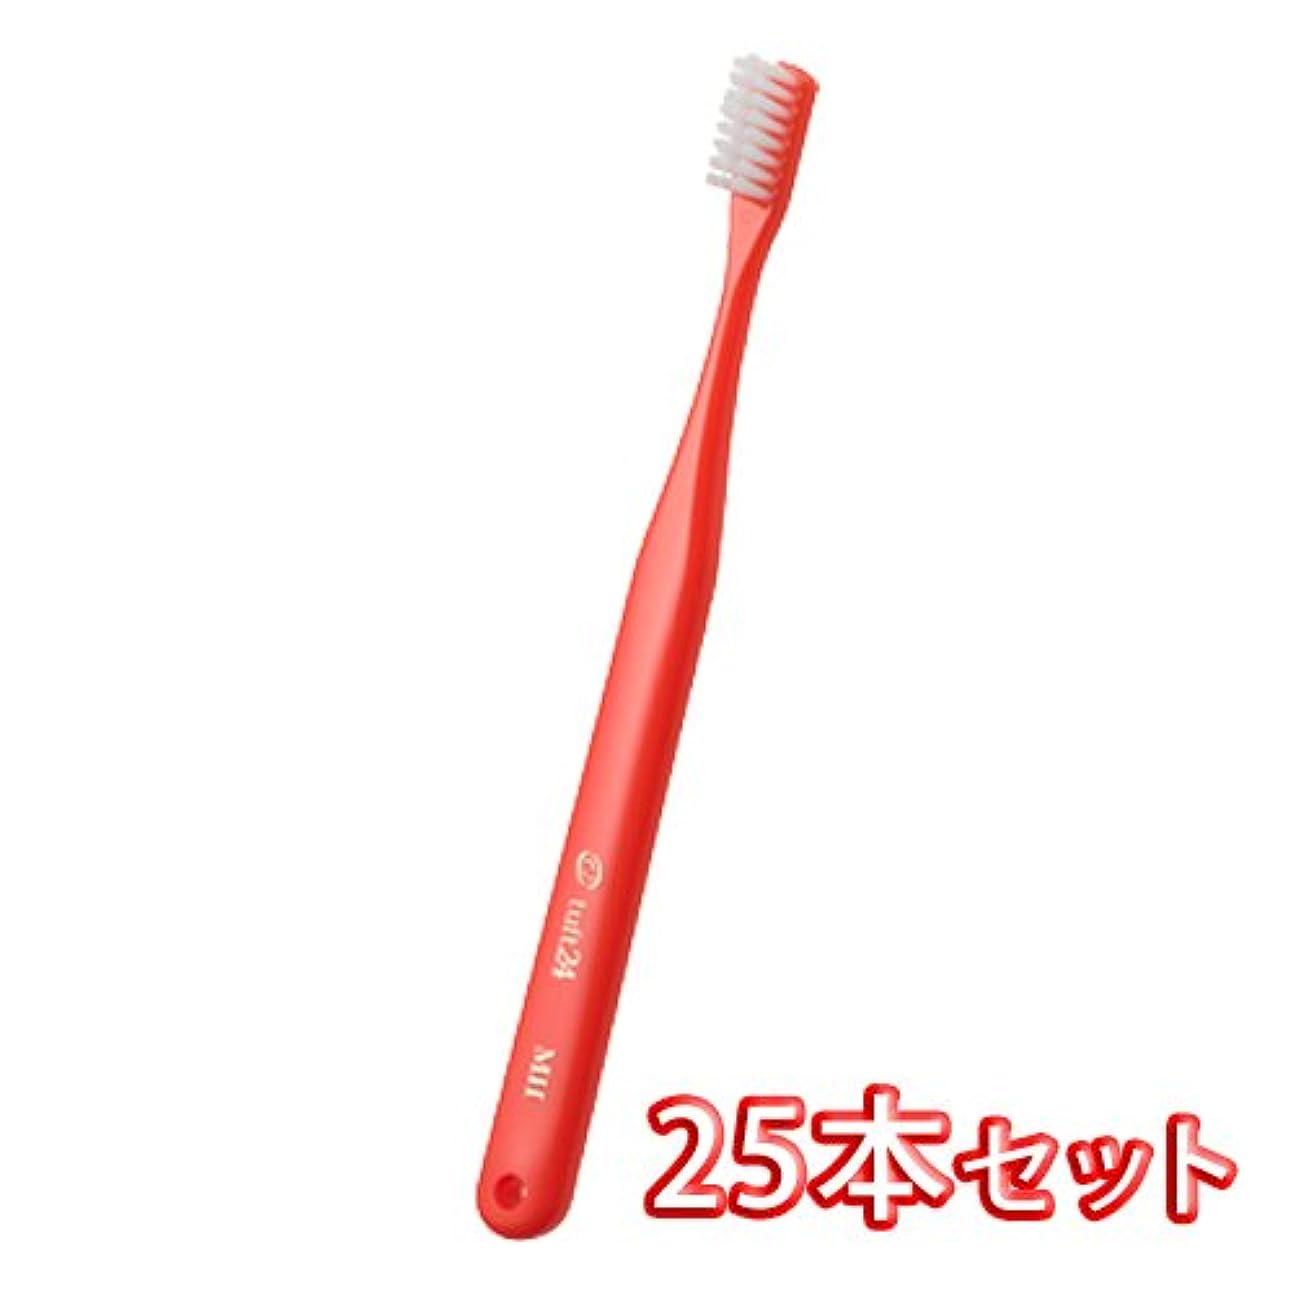 モロニック有利事オーラルケア キャップ付き タフト 24 歯ブラシ 25本入 ミディアムソフト MS (レッド)